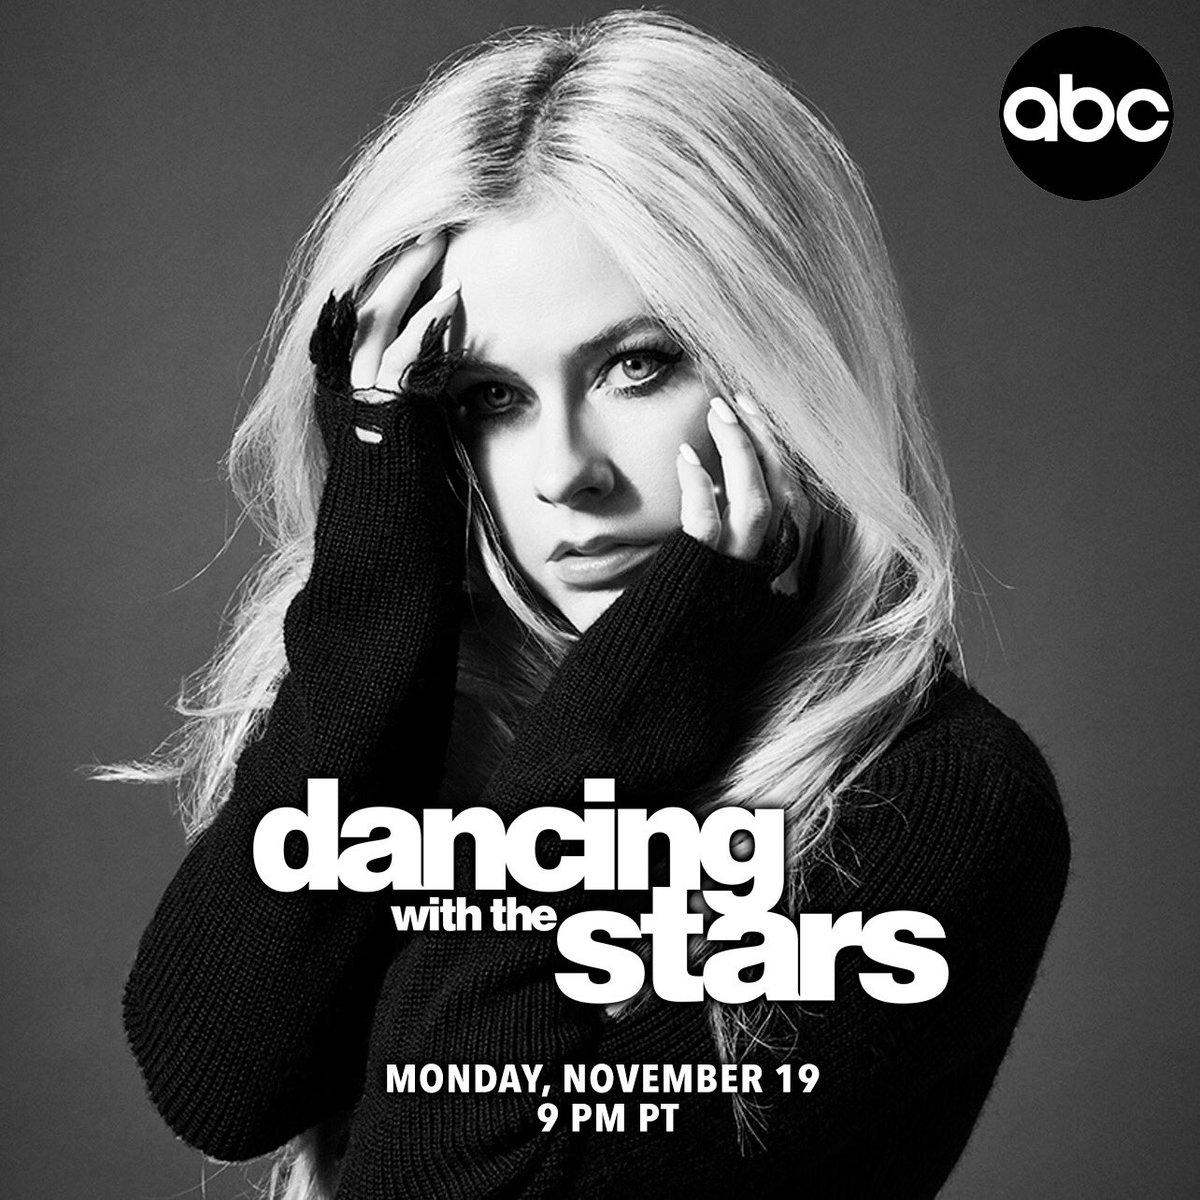 Tomorrow, 9 pm PT. @DancingABC ???? #HeadAboveWater #DWTS https://t.co/6mVbZVUZ2F